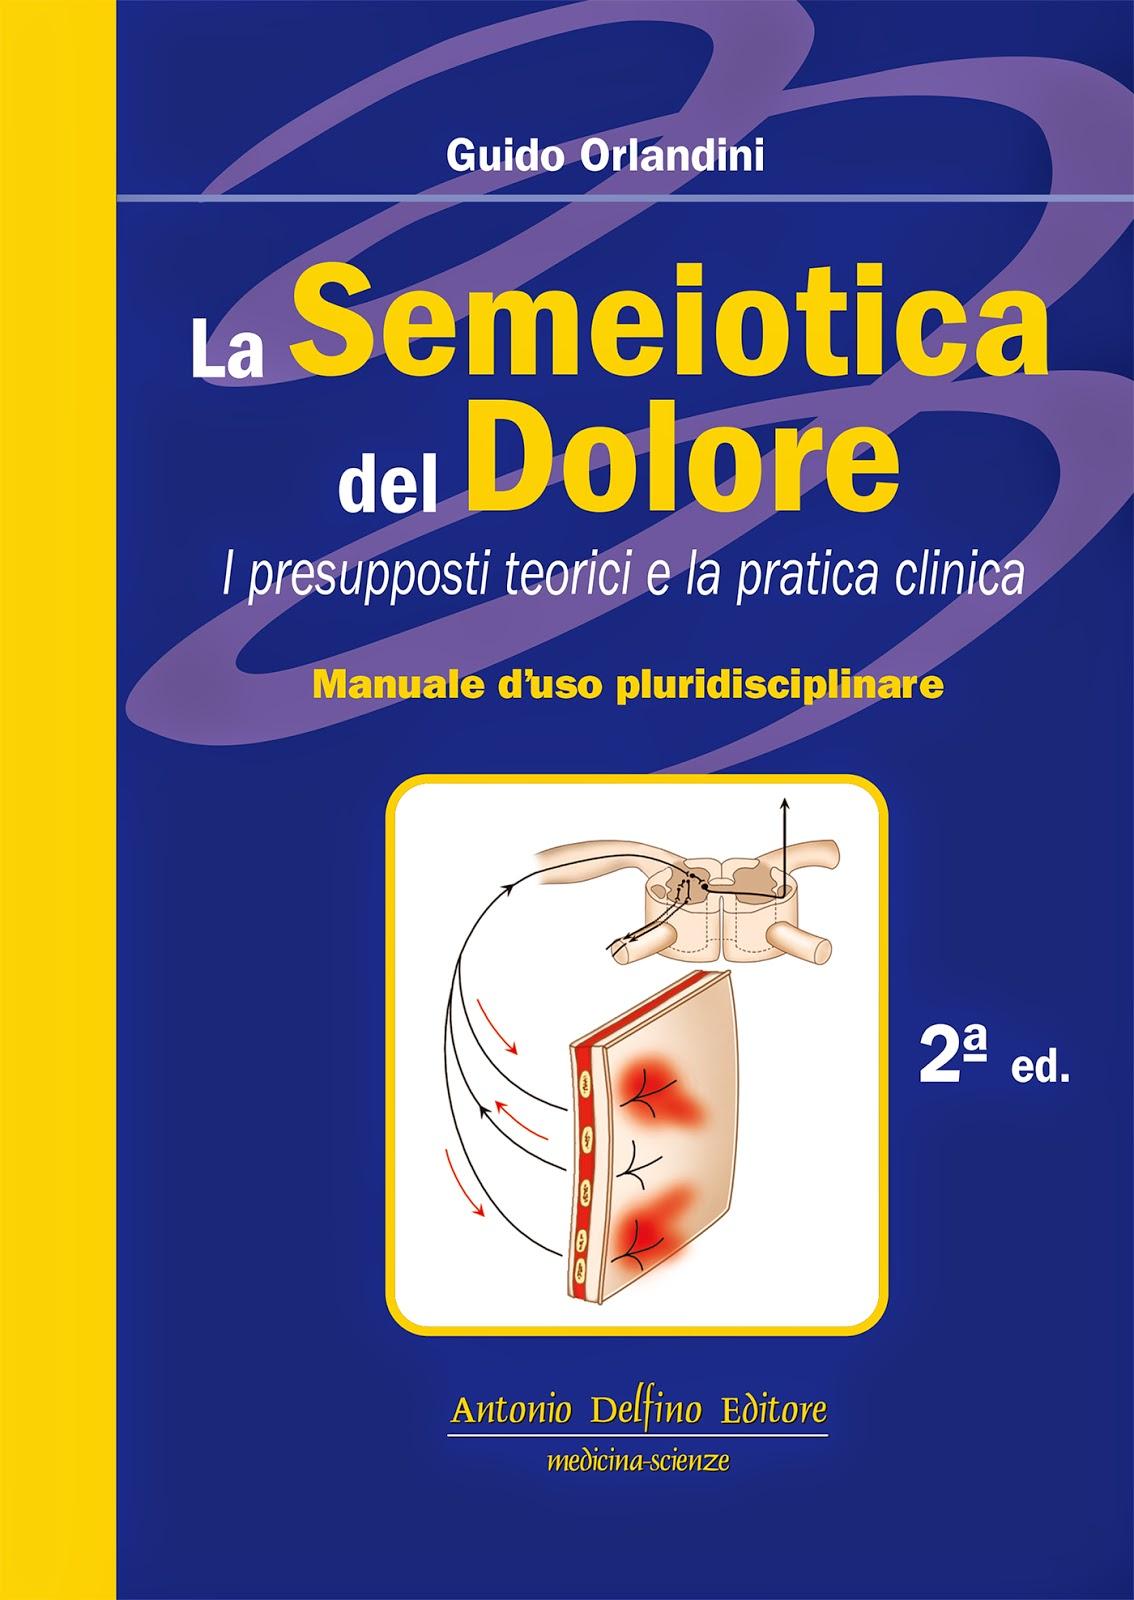 Ebook Semeiotica Del Dolore Orlandini 2a Edizione